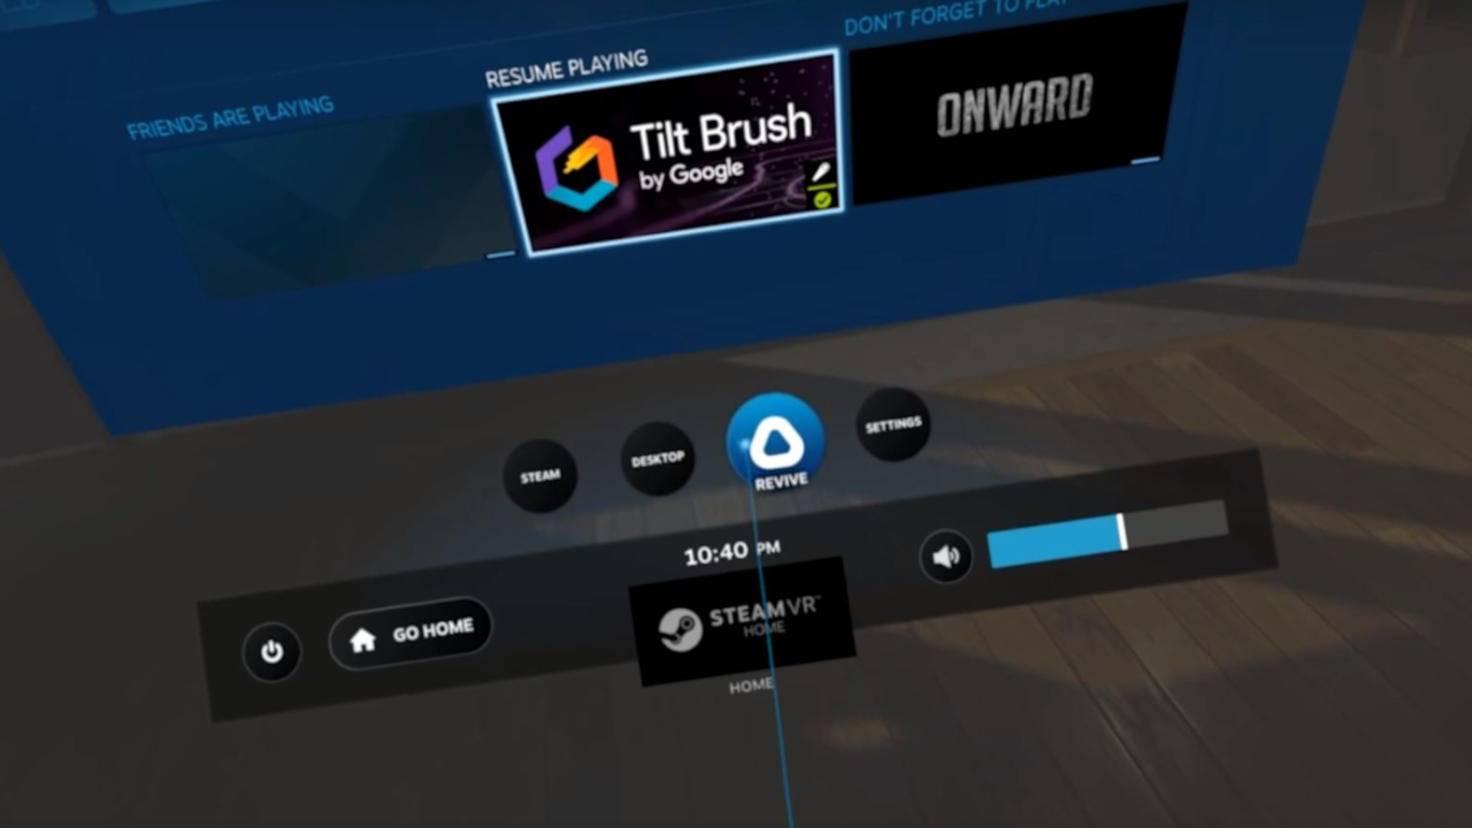 wmr_steamvr_revive_button